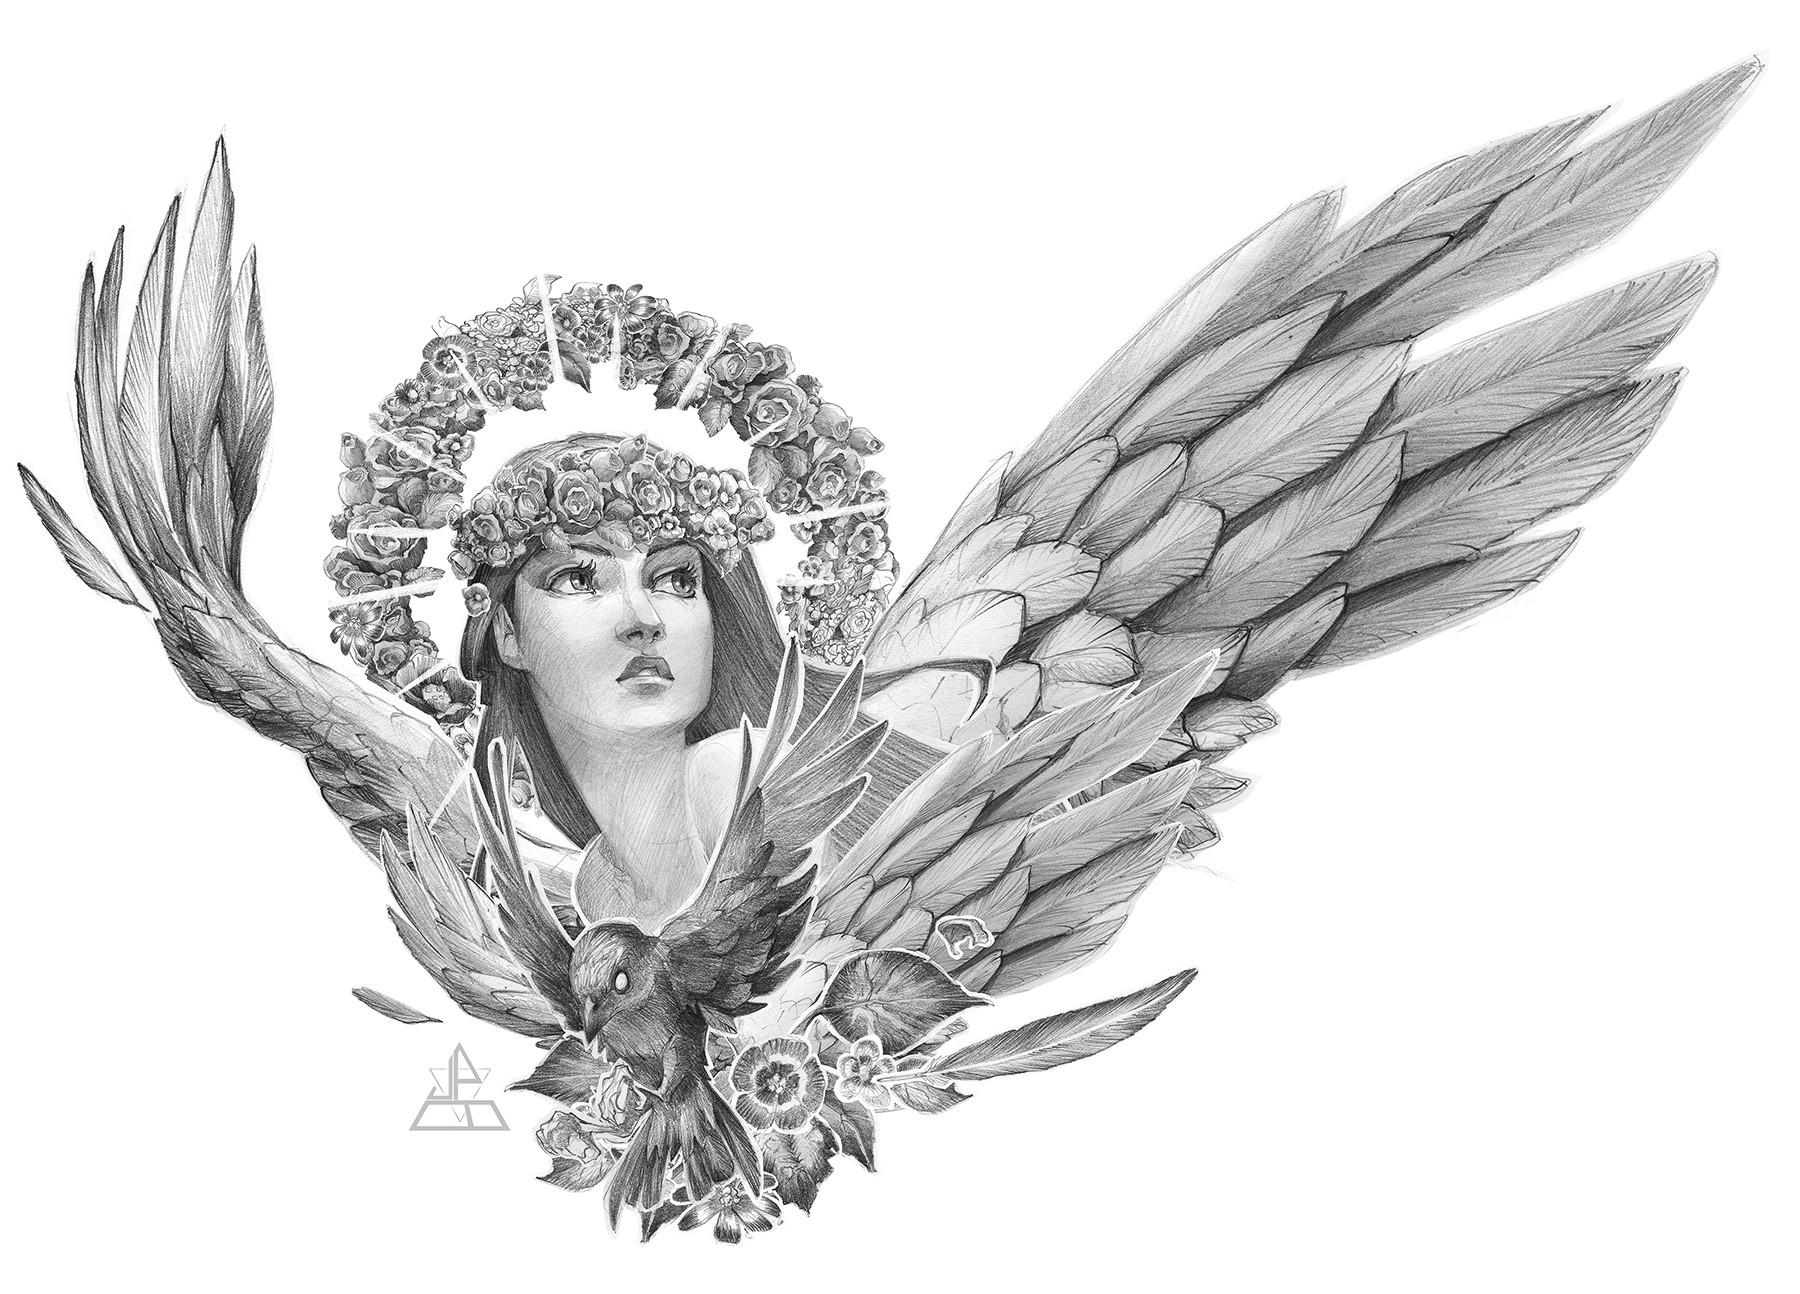 James brouwer wingedcreatures01